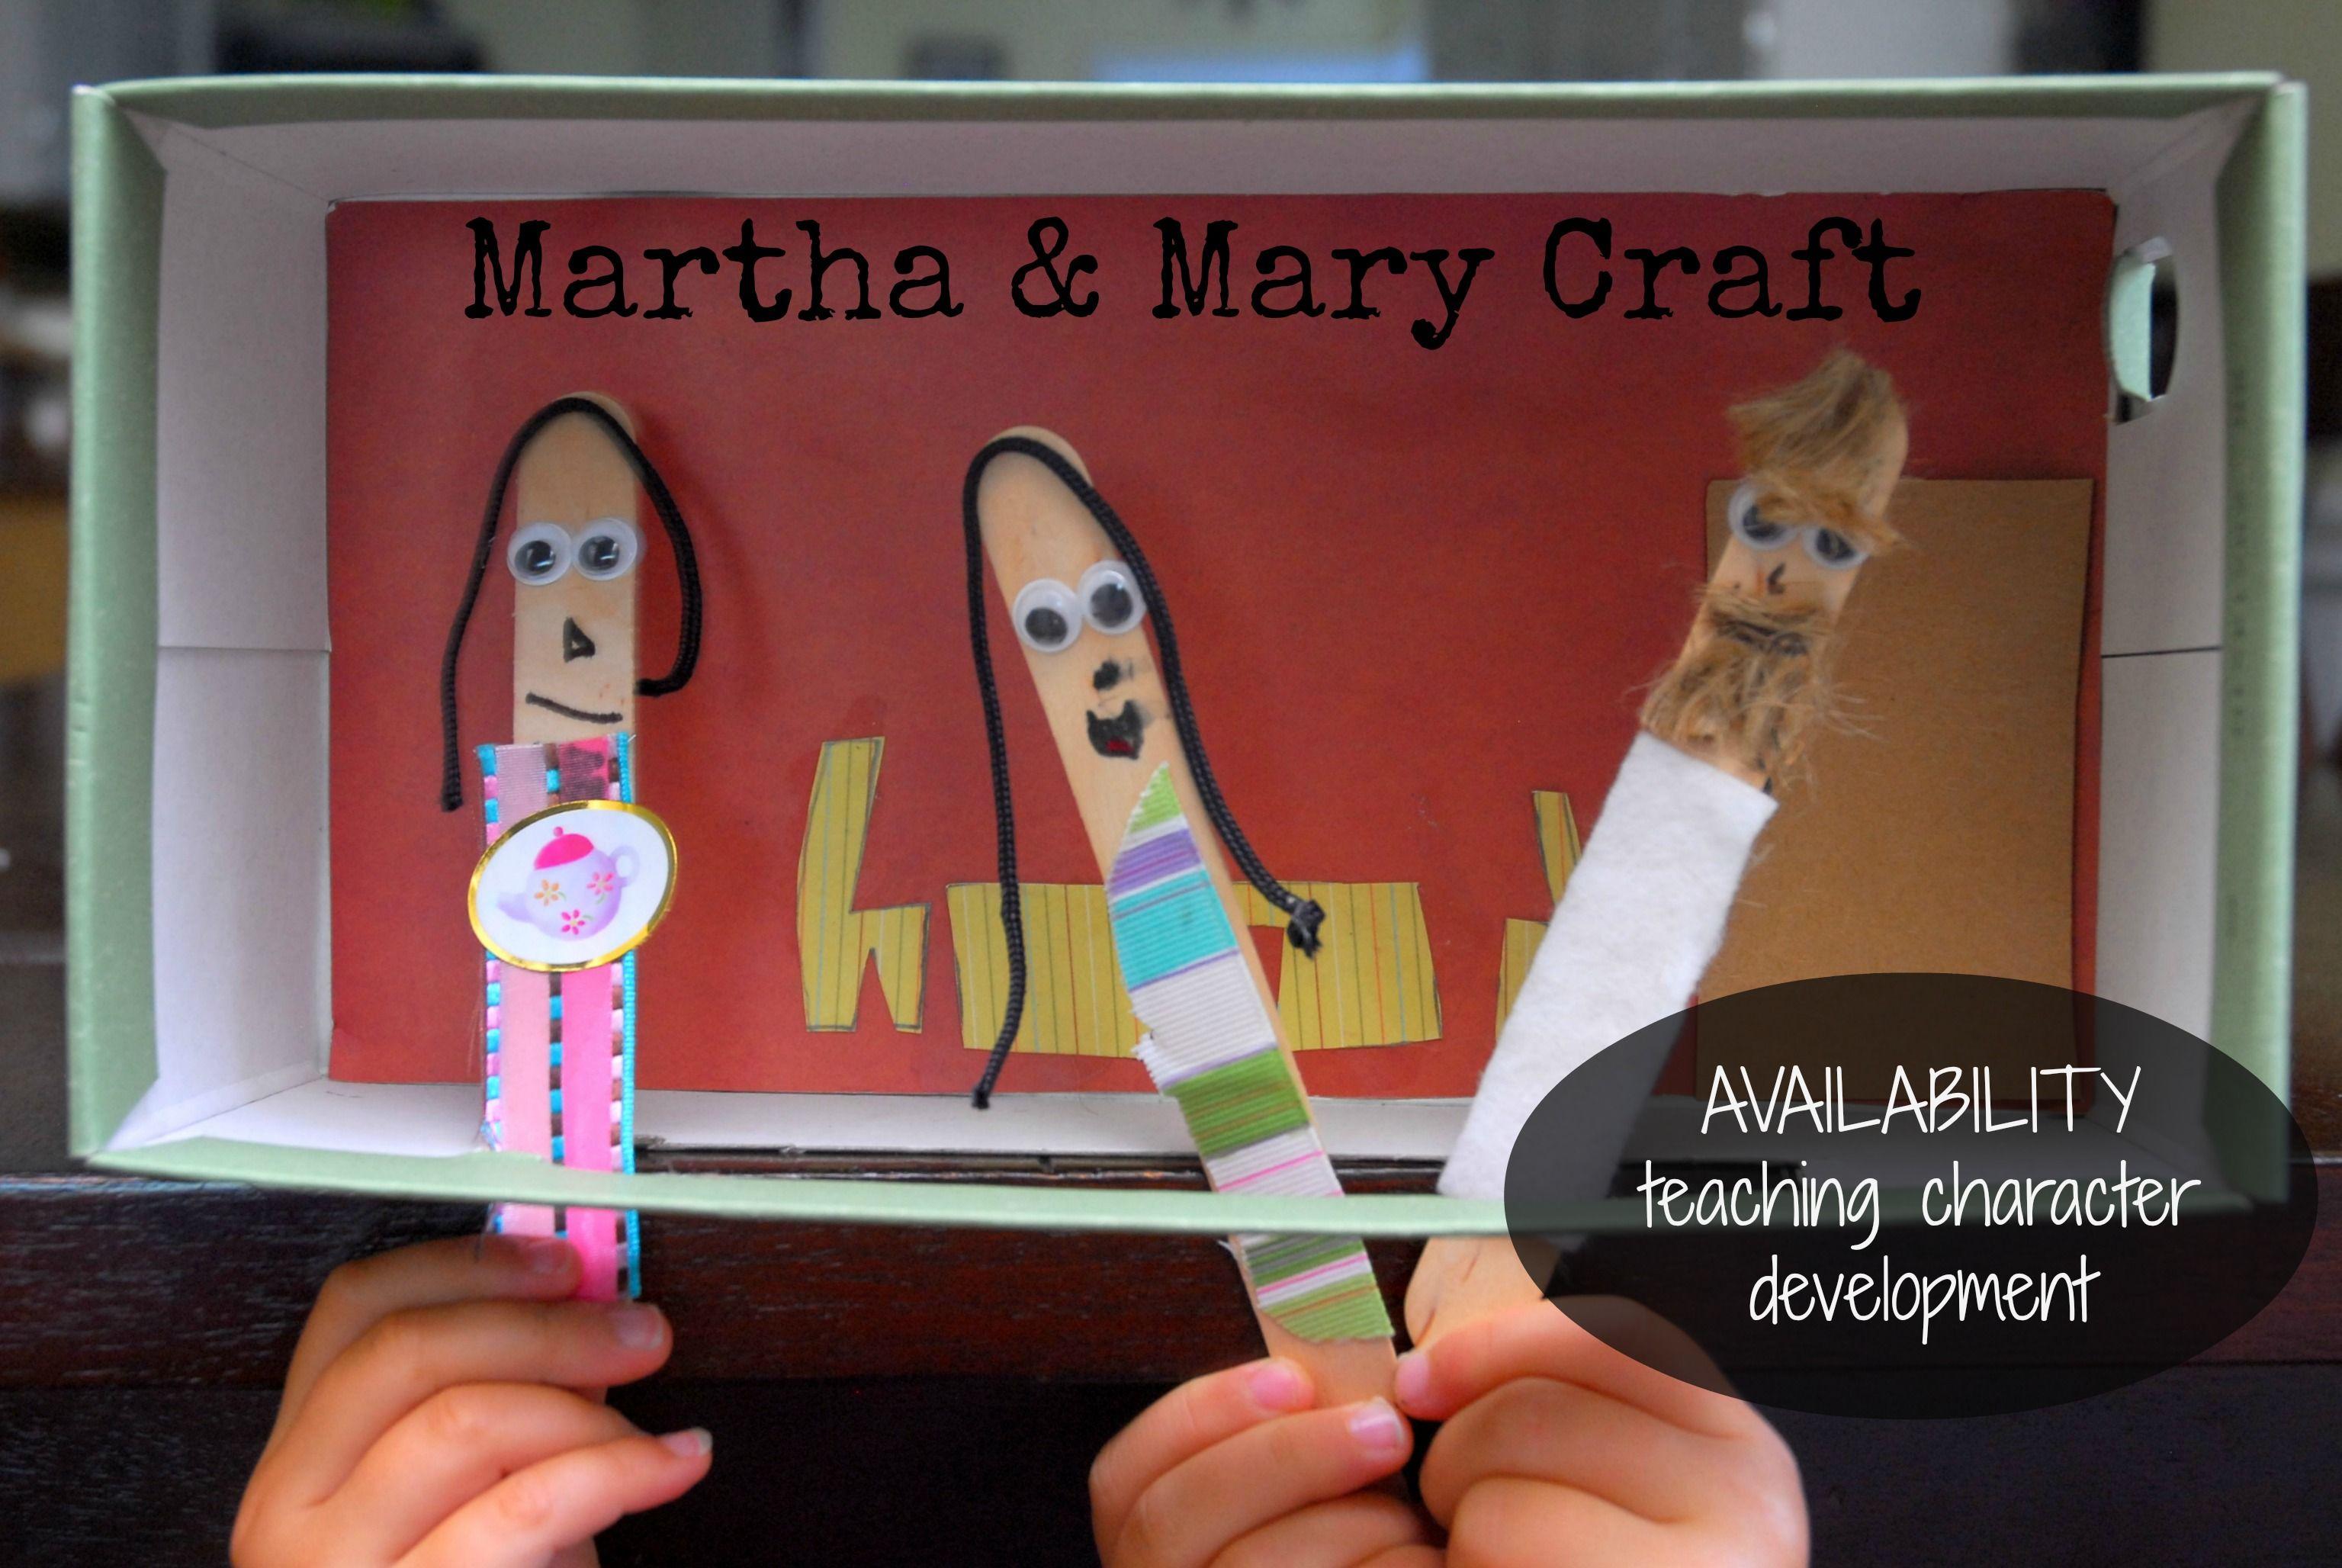 Mary Amp Martha Craft Teaches Availability